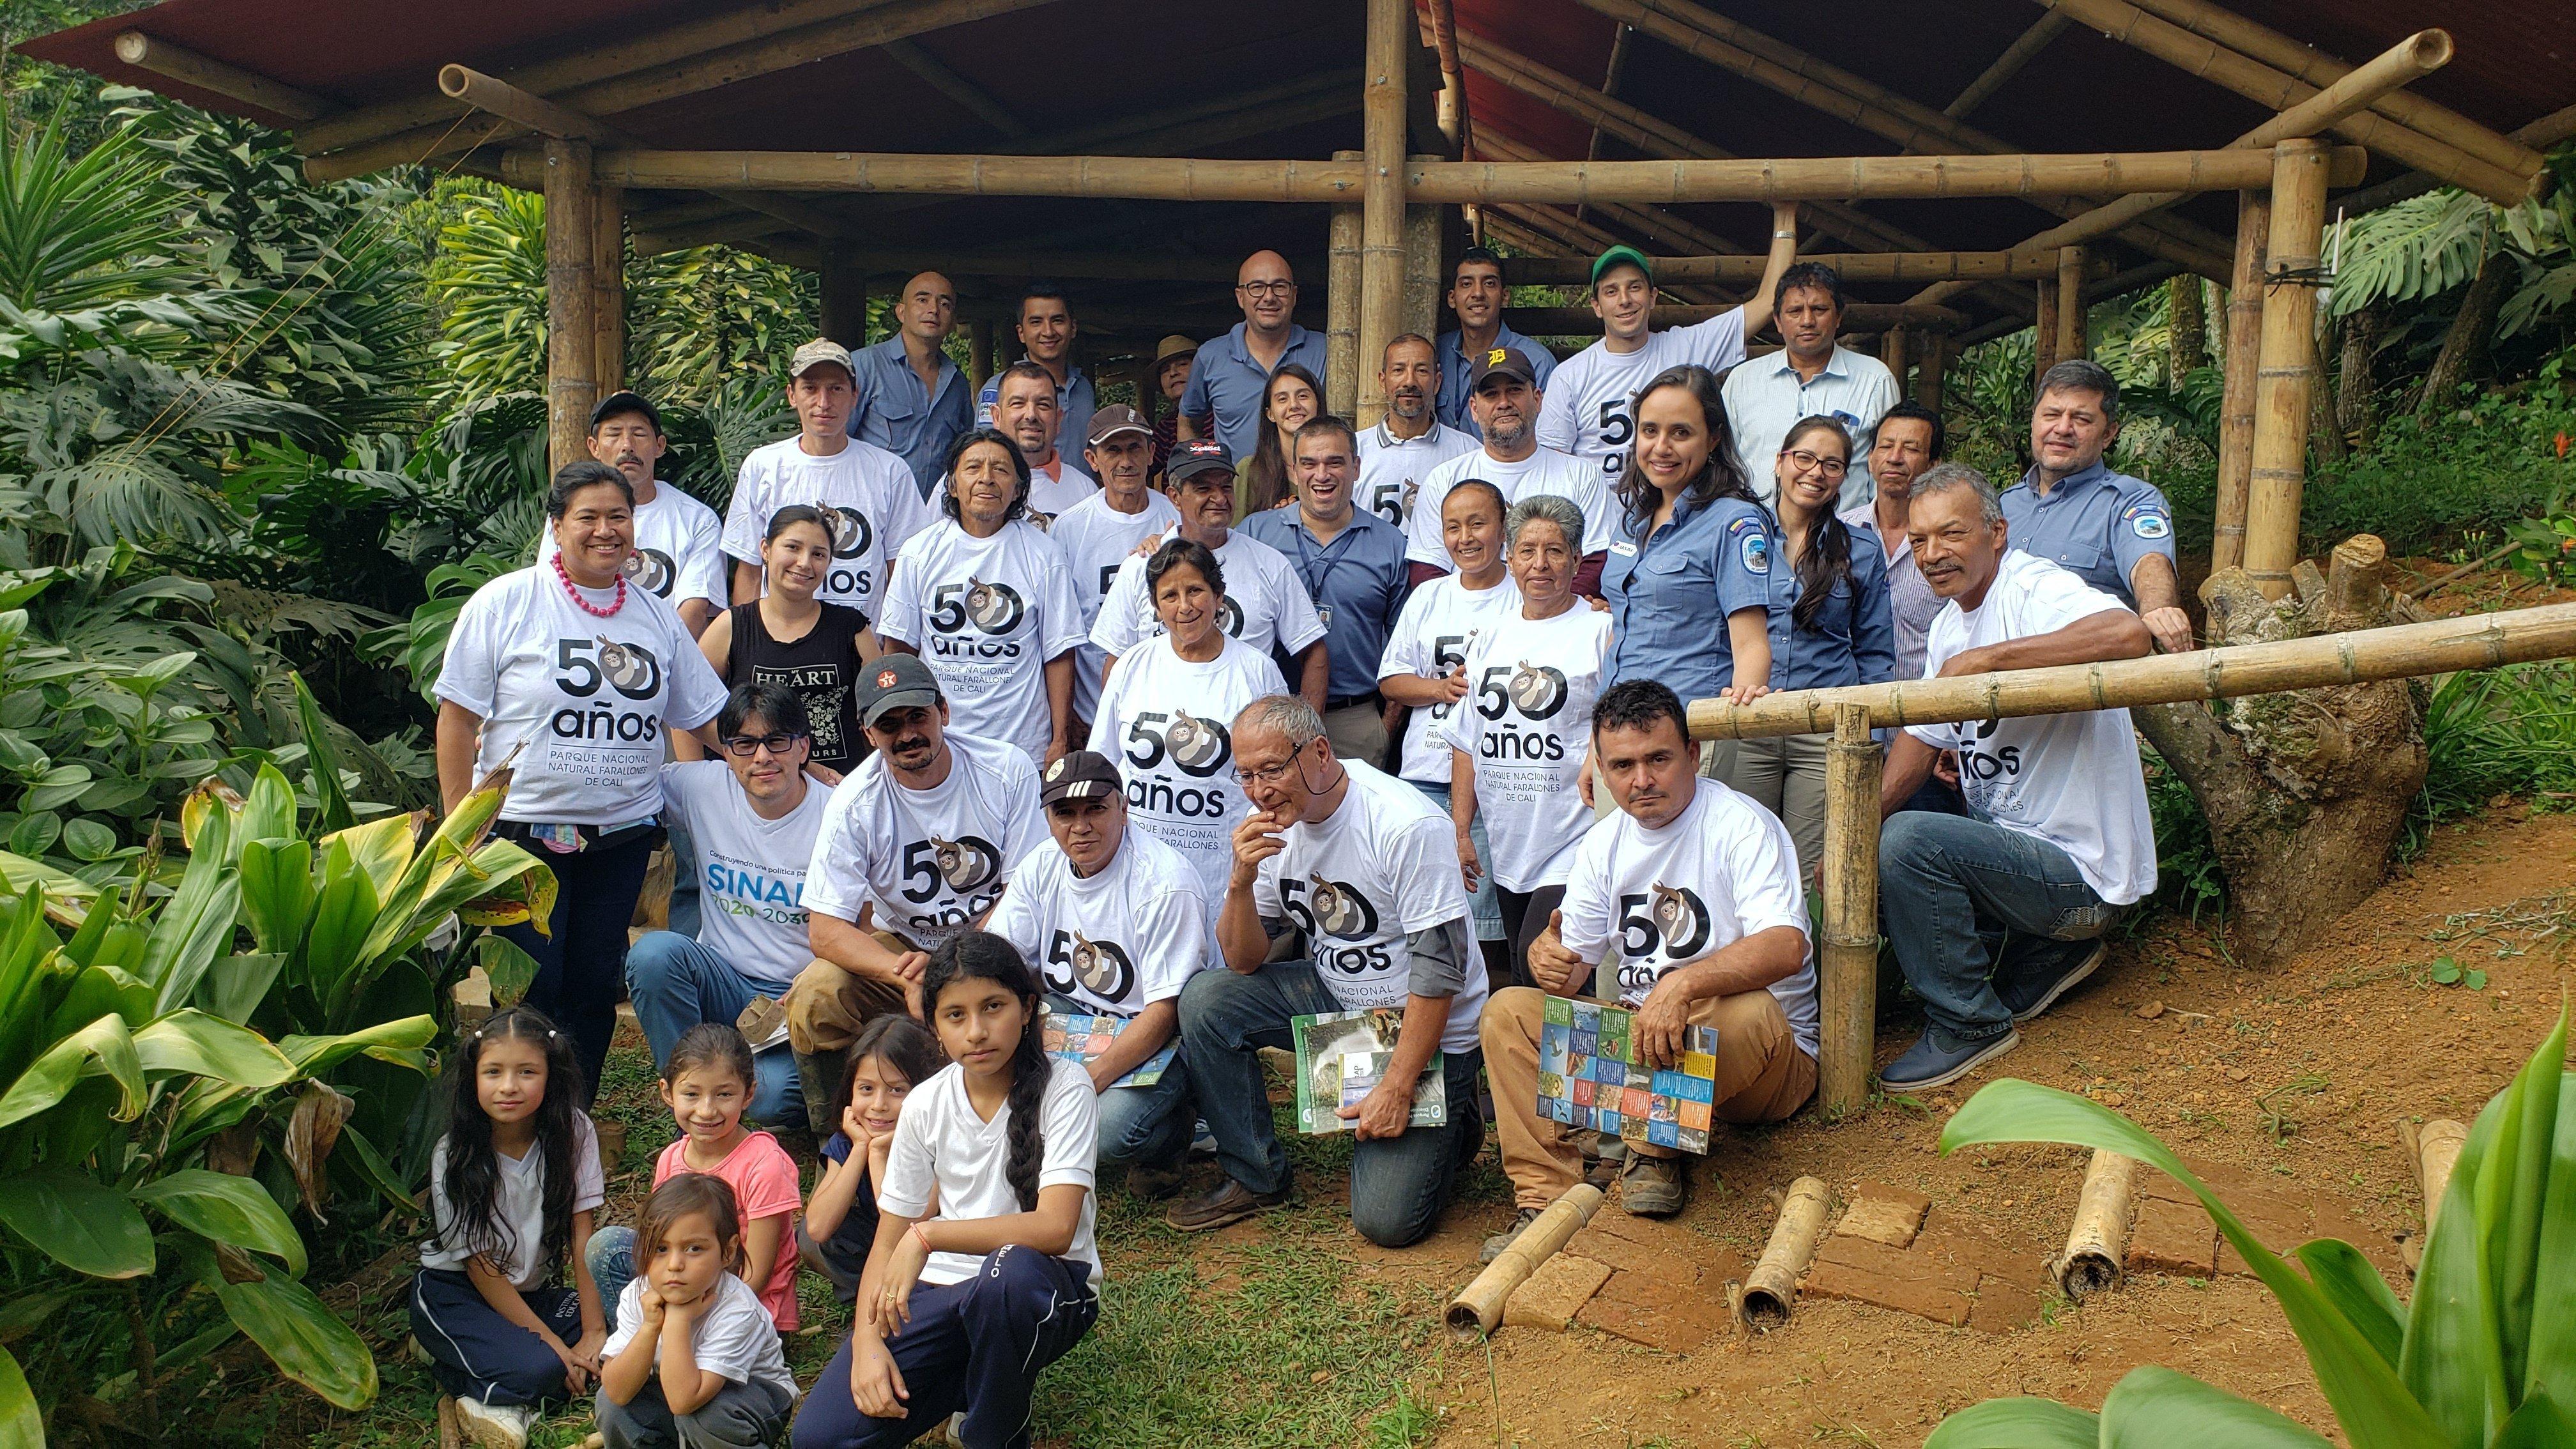 Campesinos firman 21 acuerdos de restauración ecológica para la conservación del Parque Nacional Natural Farallones de Cali - 21-Acuerdo-Farallones-Octubre